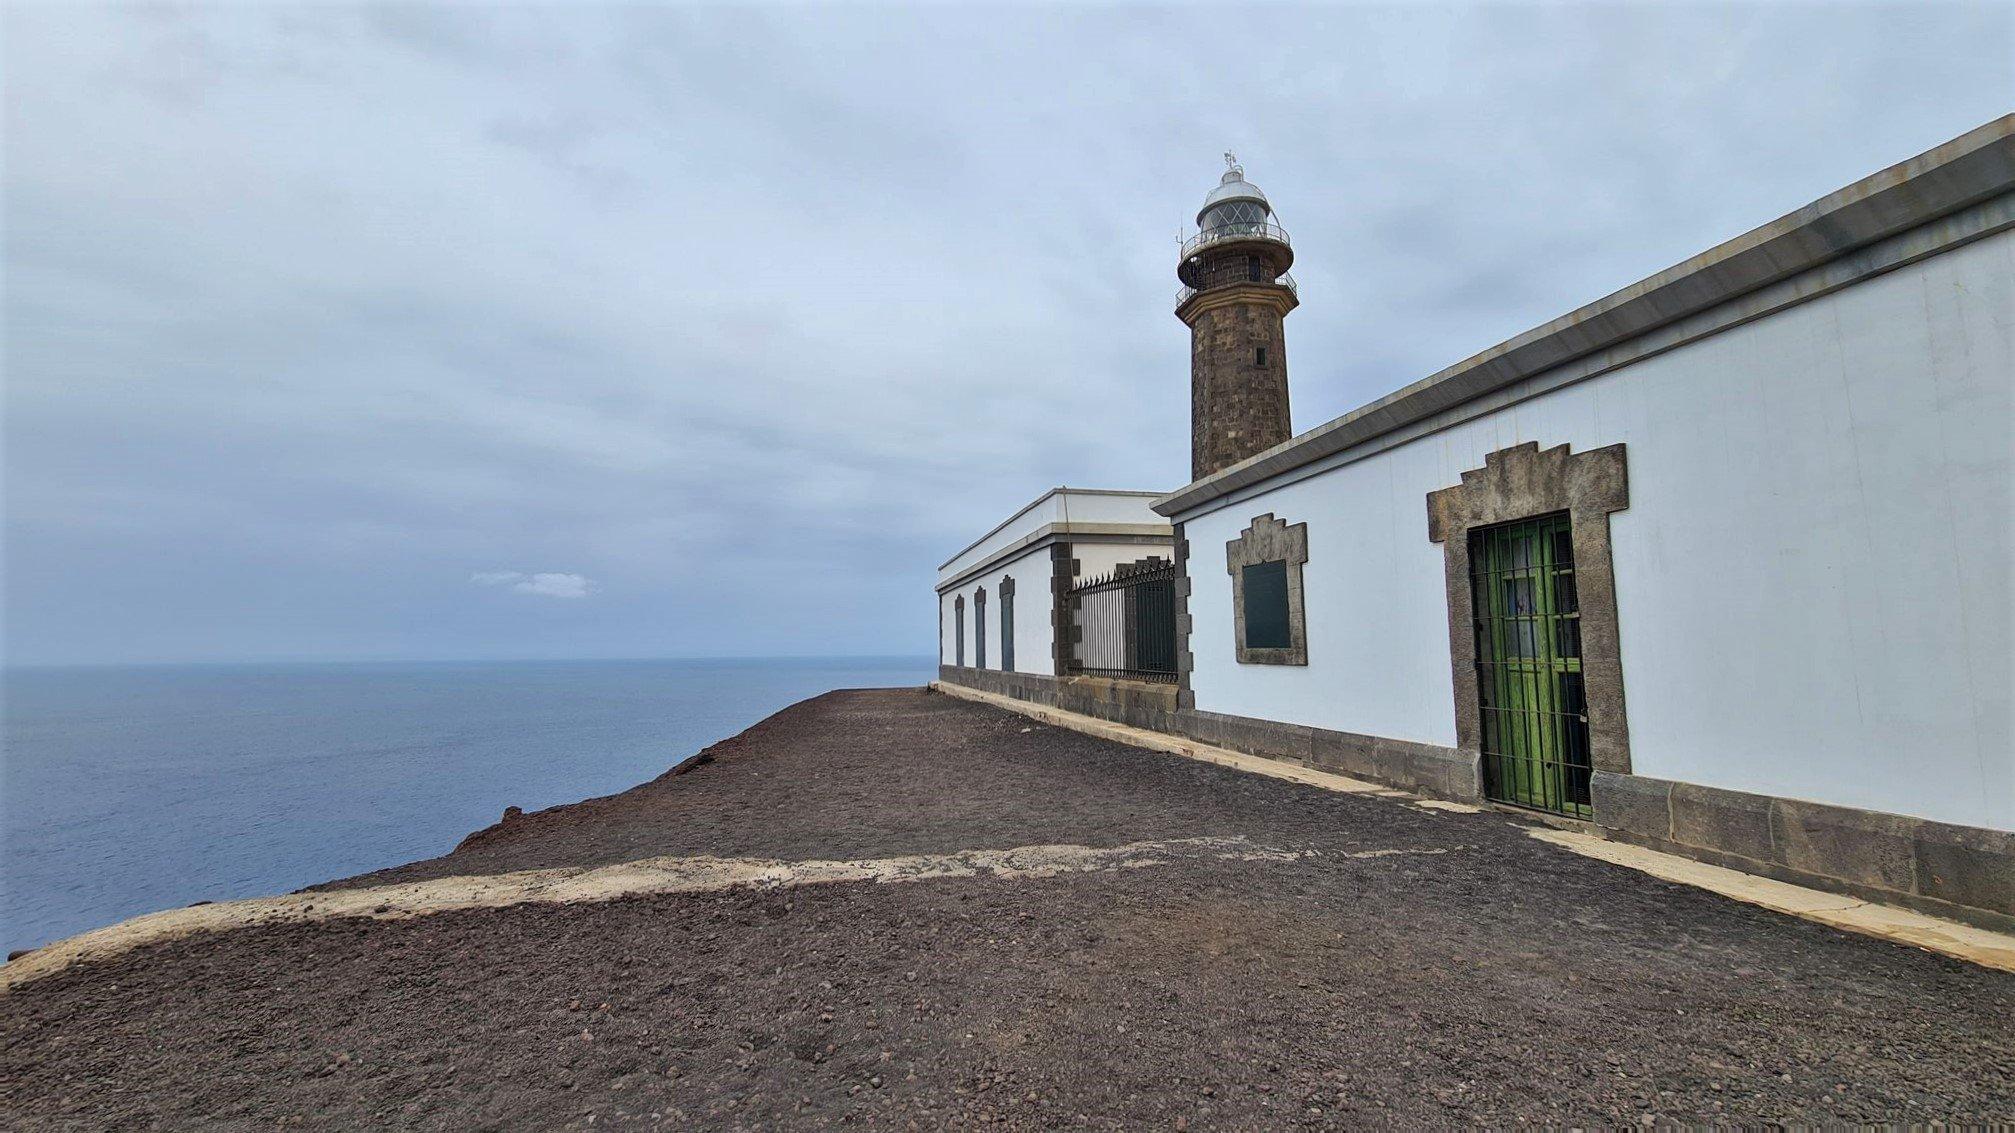 La bellezza e la storia del Faro di Punta de Orchilla